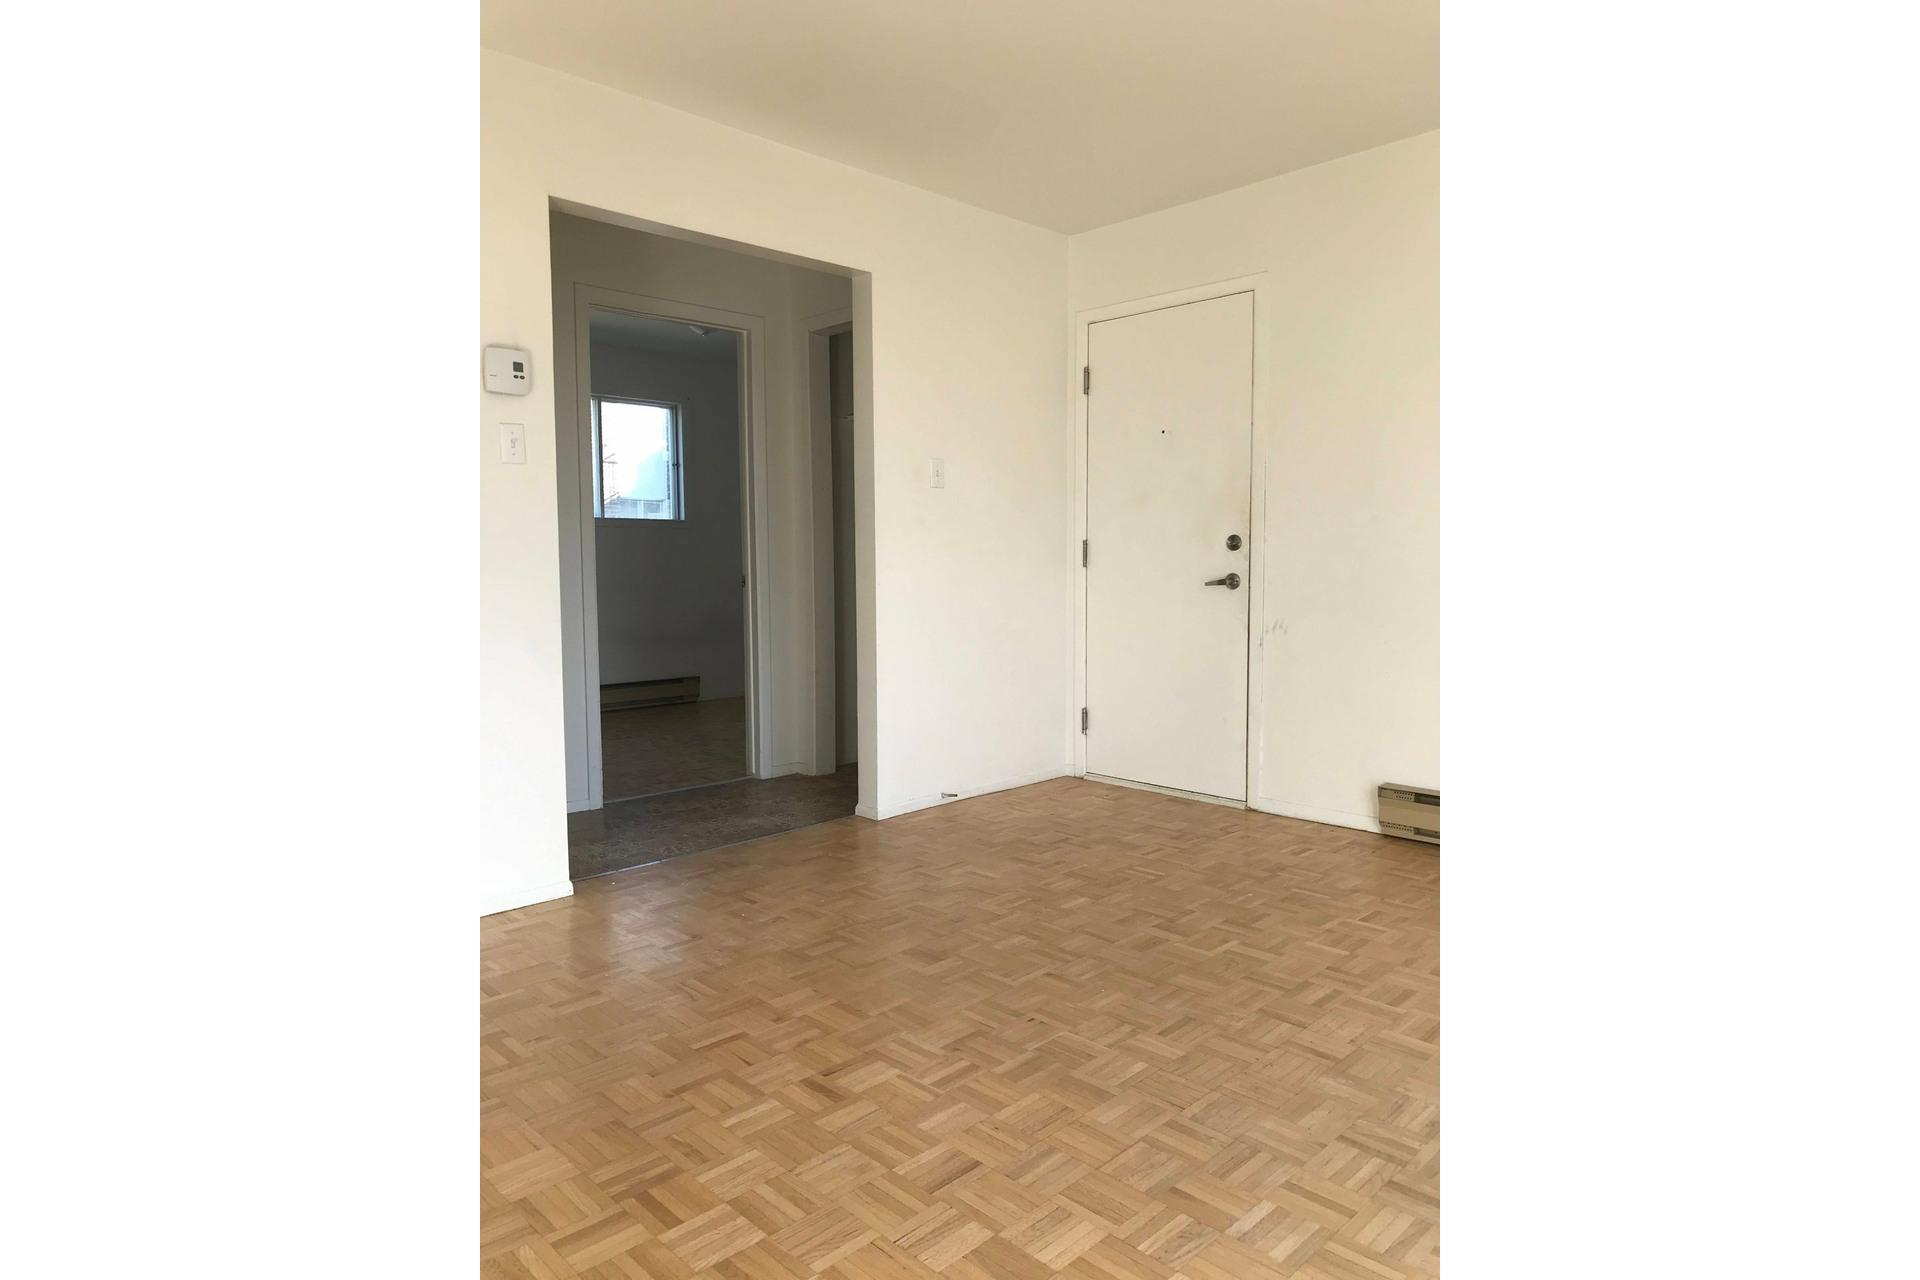 image 8 - Appartement À louer Sorel-Tracy - 5 pièces